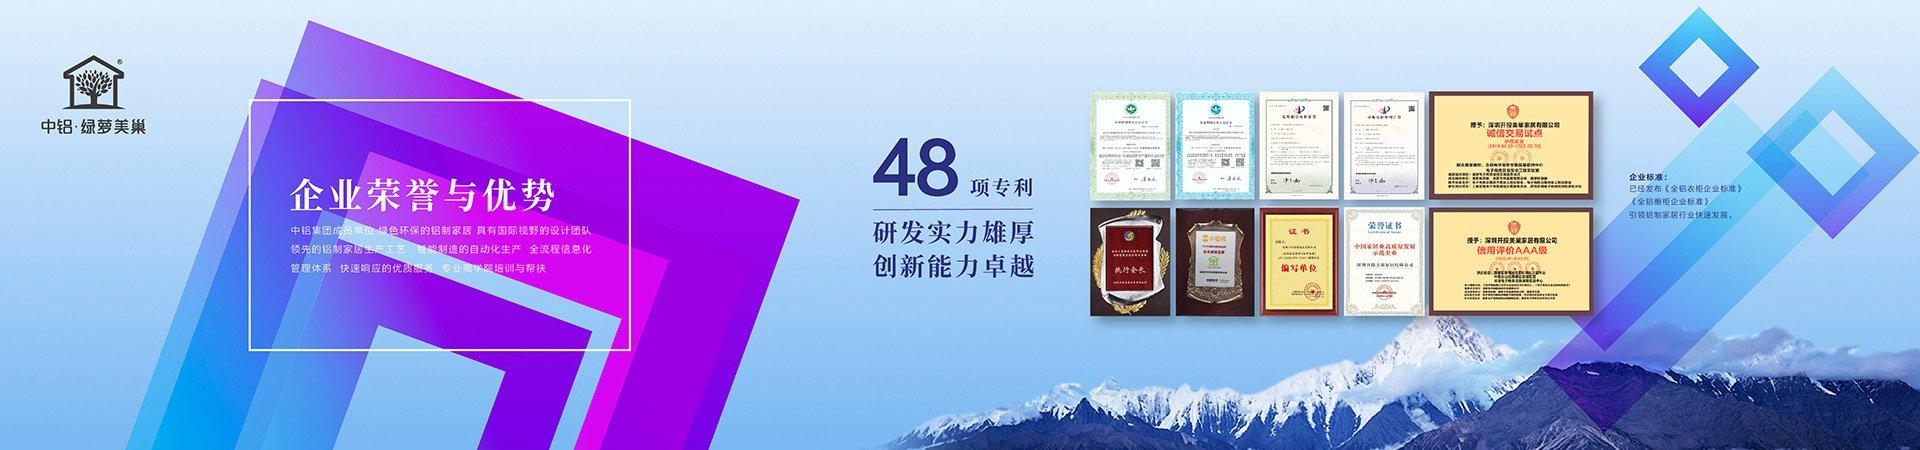 北京全铝家居-资质荣誉